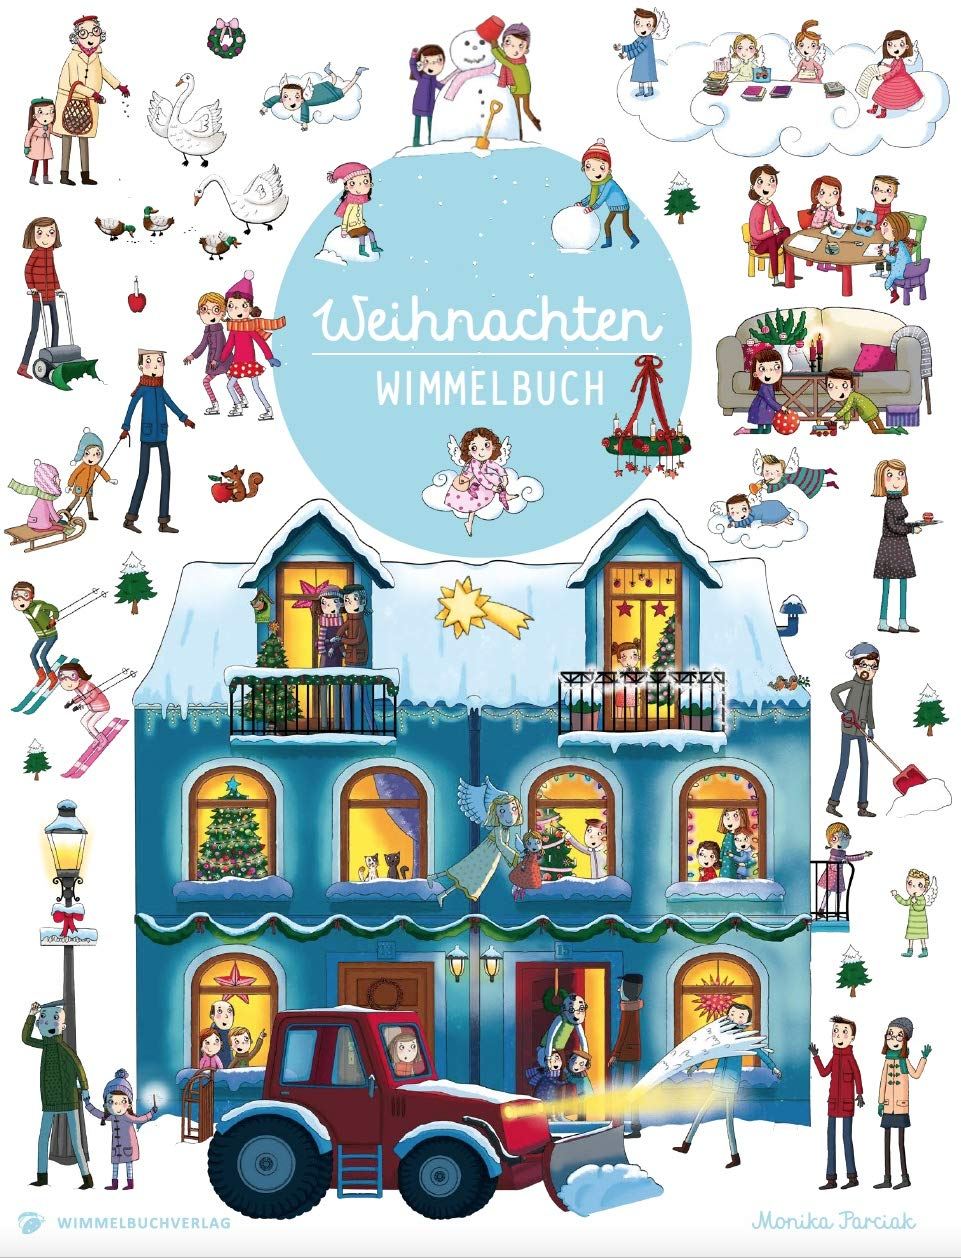 Wimmelbuch Weihnachten: ab 2 Jahre Pappbilderbuch – 28. September 2018 Monika Parciak Wimmelbuchverlag 3947188293 Papp-Bilderbuch